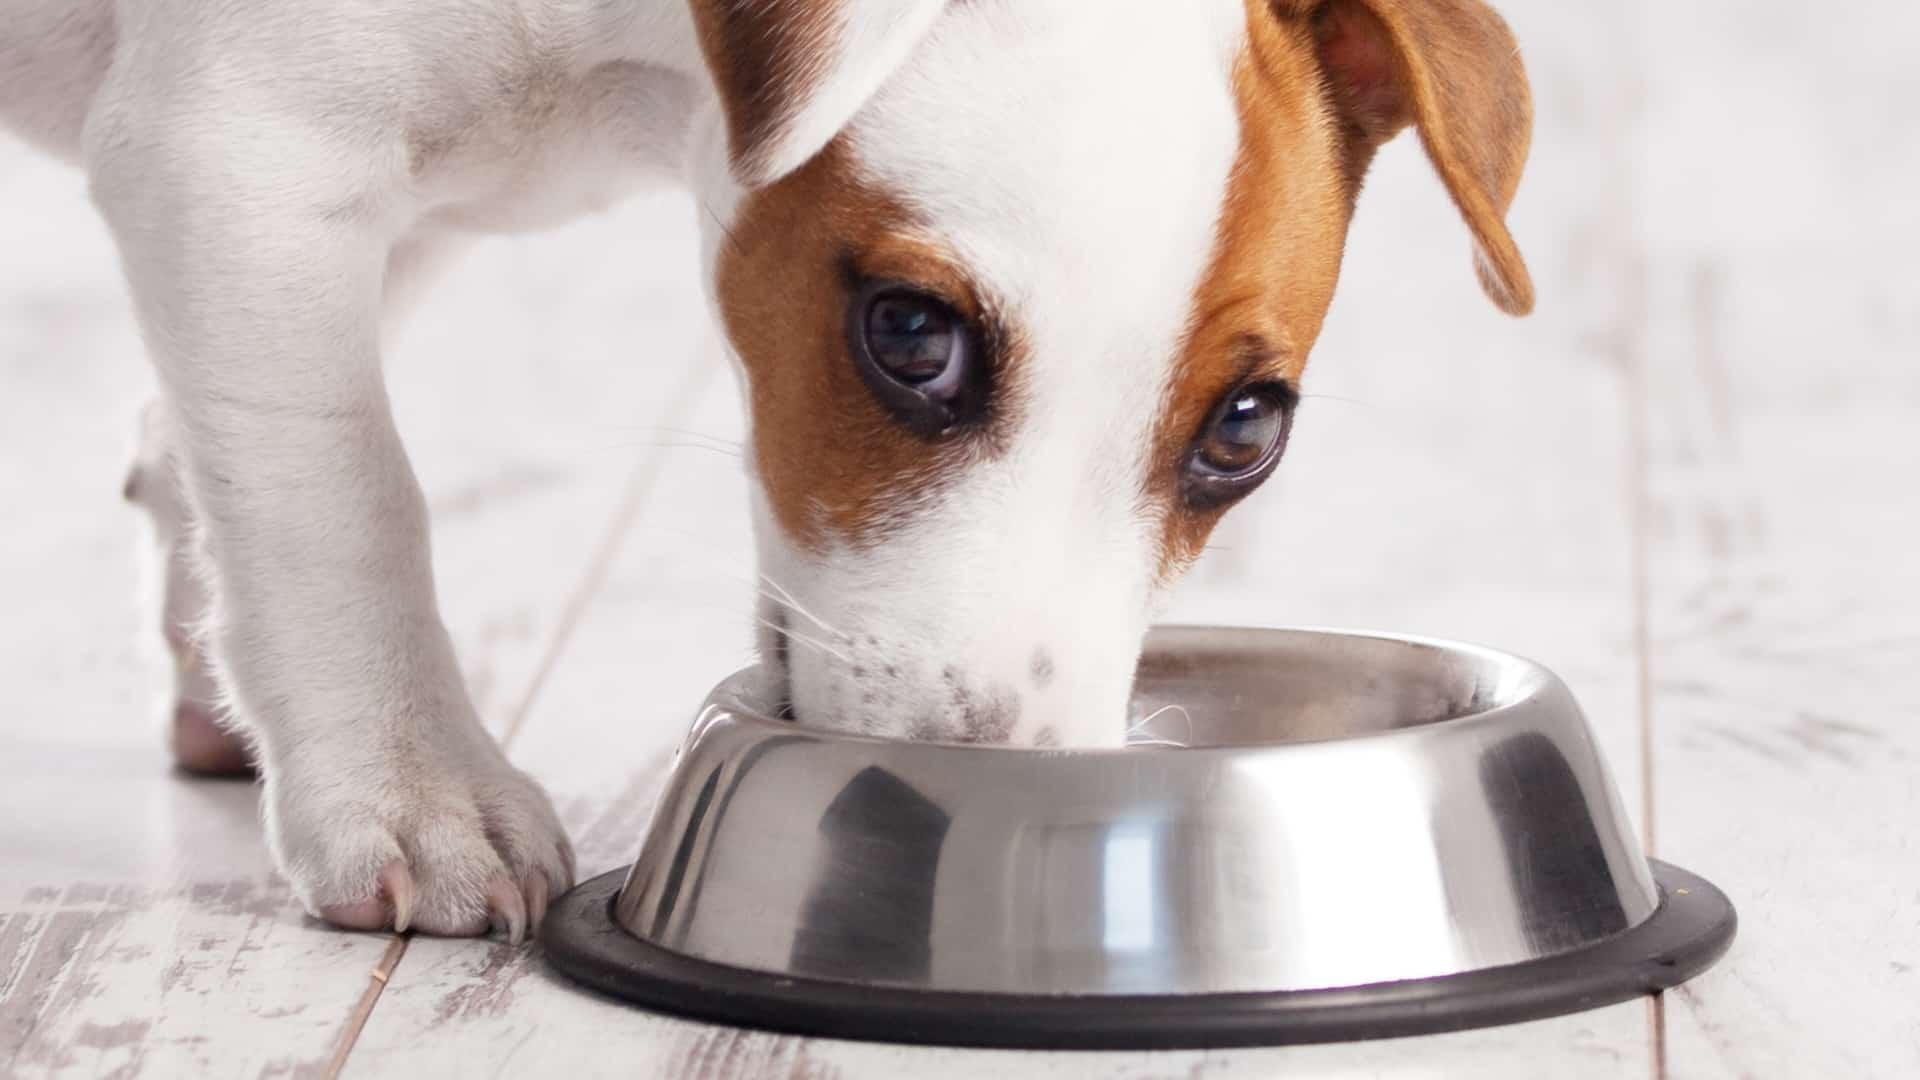 olio-di-salmone-per-cani-principale-xcyp1